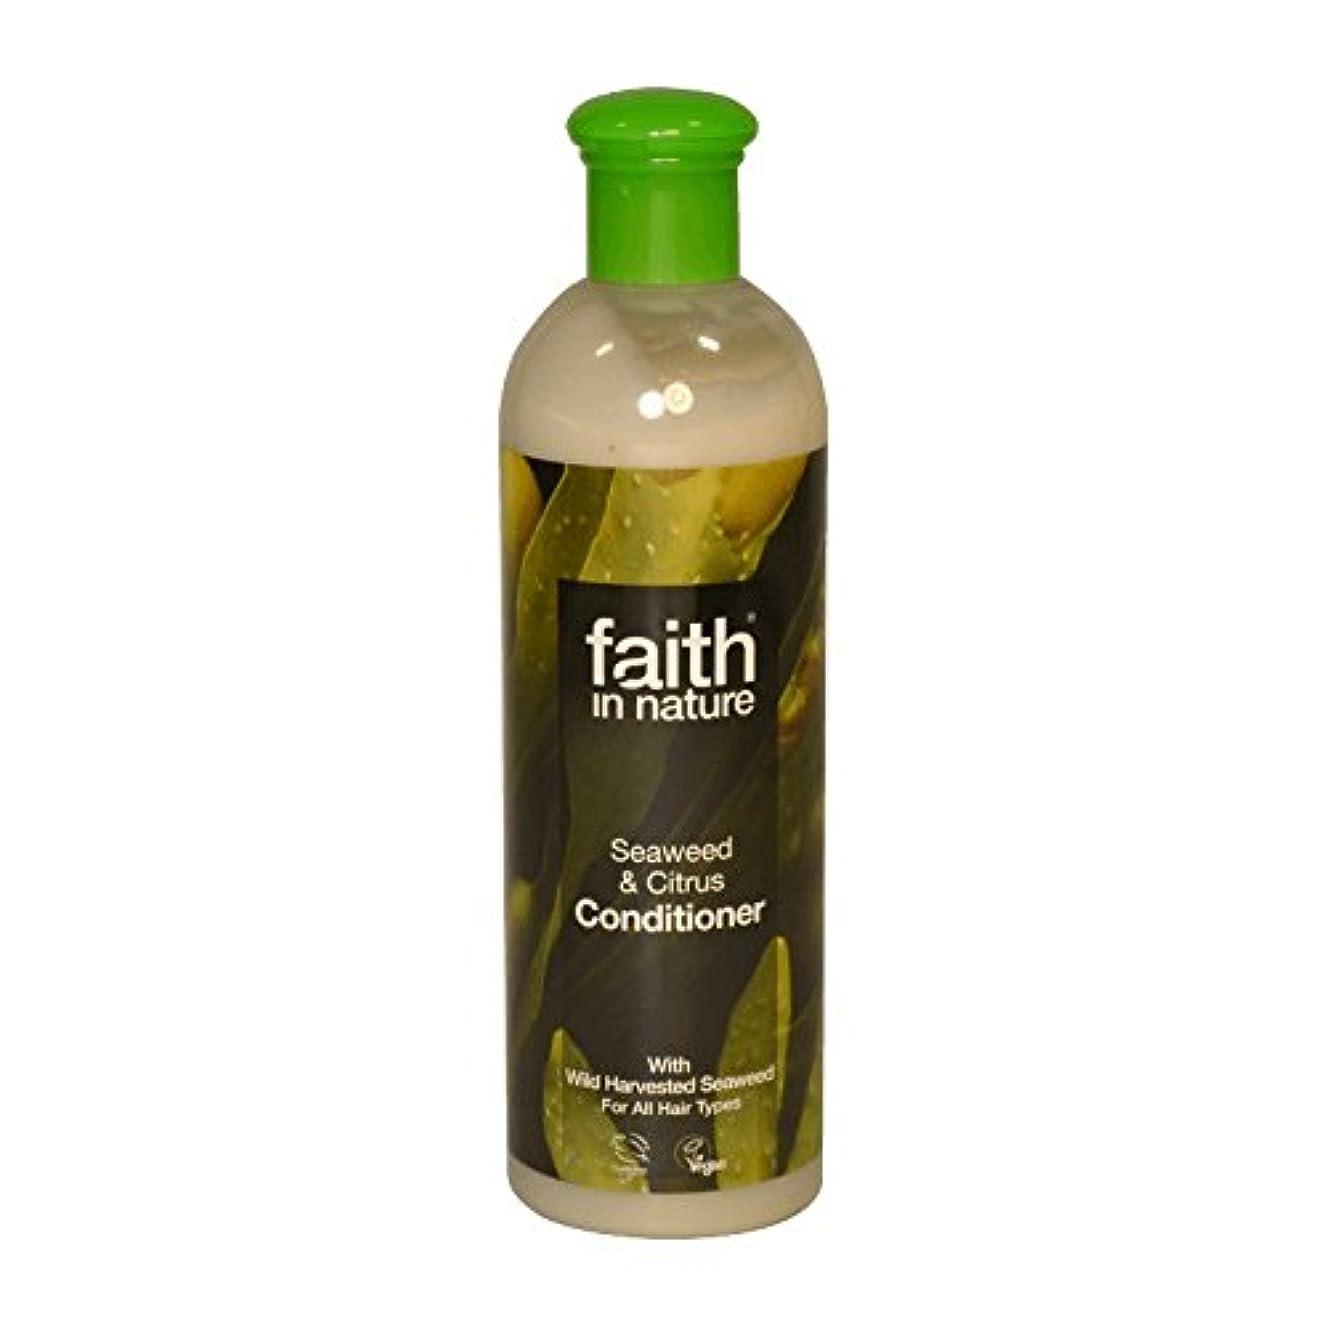 反論者楽観的暴徒Faith in Nature Seaweed & Citrus Conditioner 400ml (Pack of 6) - 自然の海藻&シトラスコンディショナー400ミリリットルの信仰 (x6) [並行輸入品]